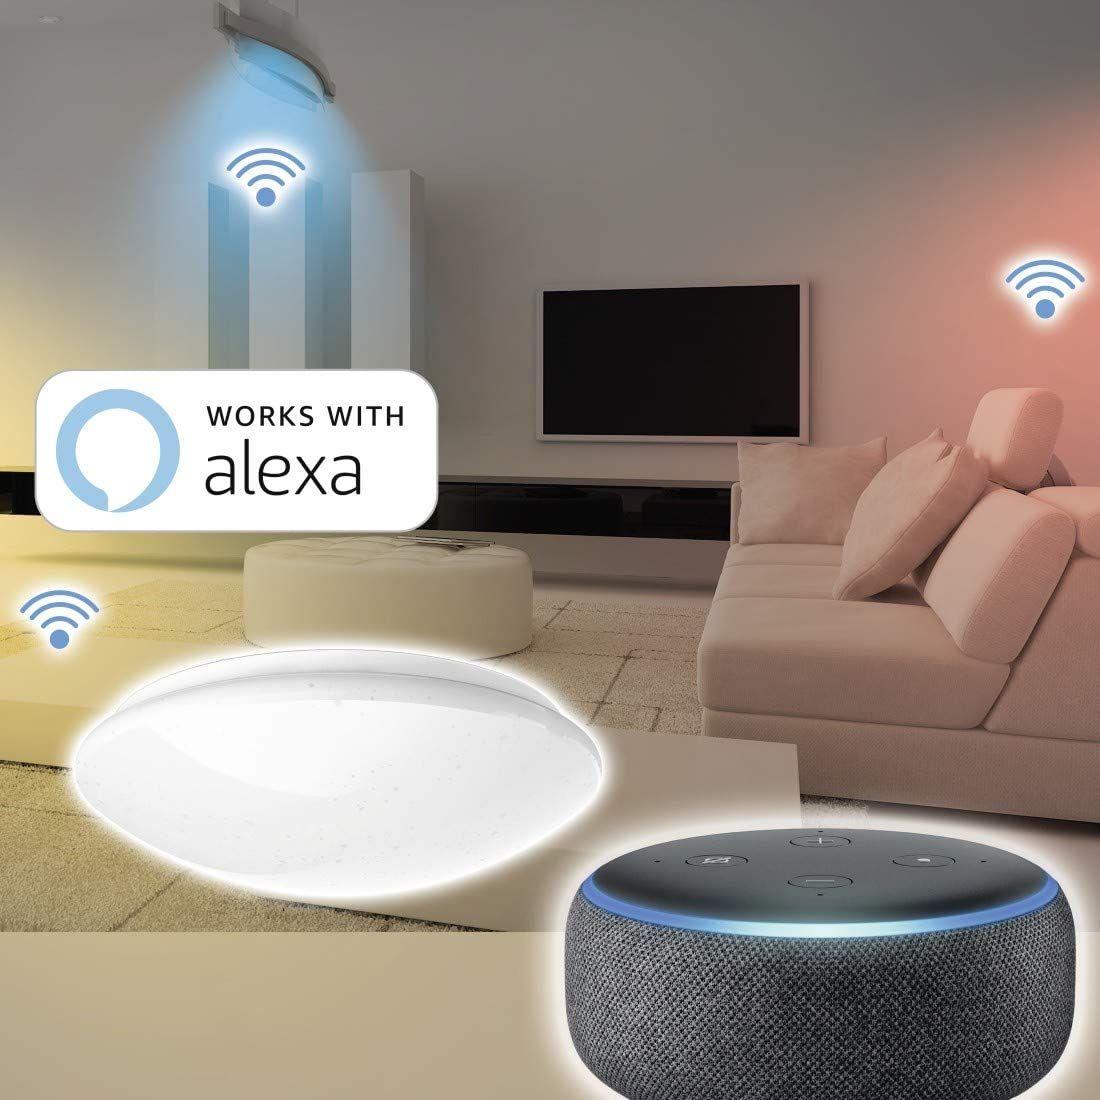 9+ Alexa Wohnzimmer Lampe in 9  Works with alexa, Alexa, It works